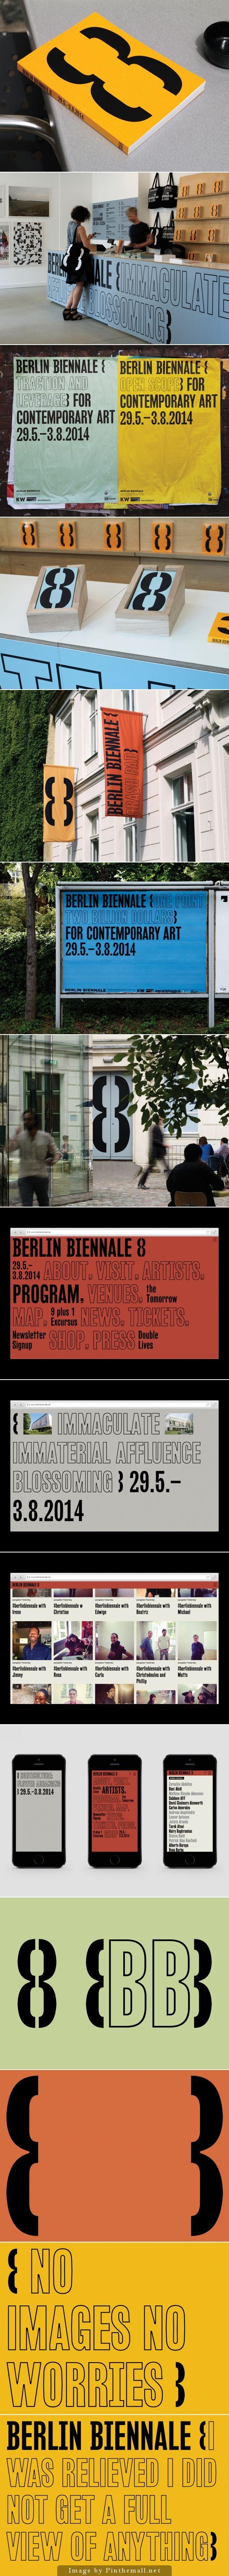 Berlin Biennale   Zak Group